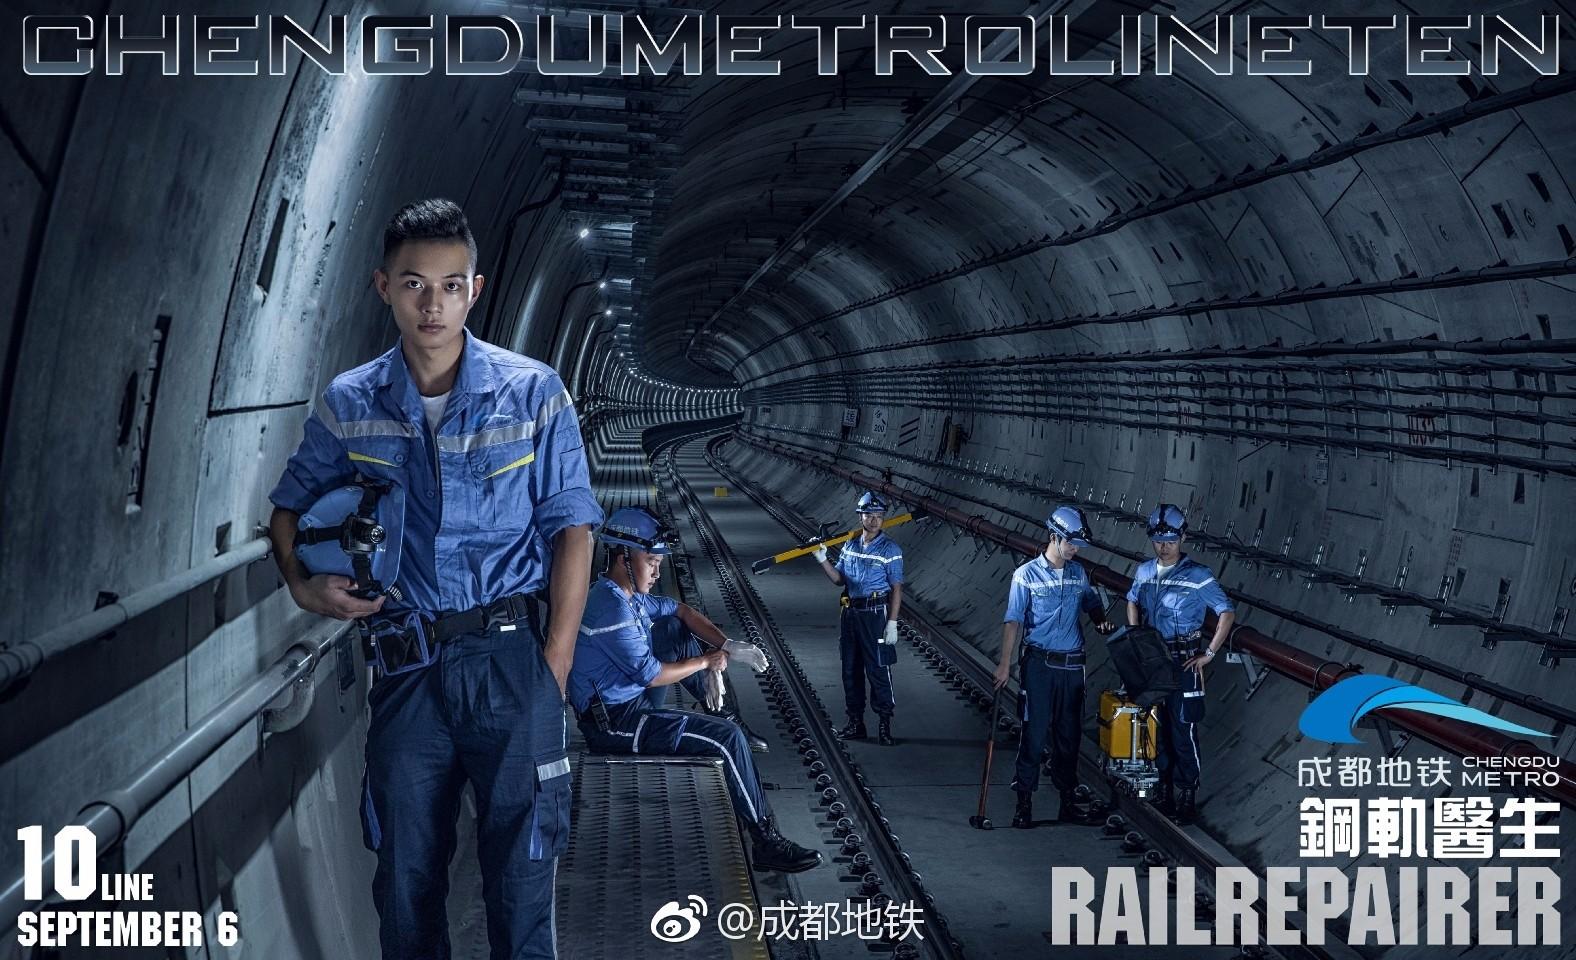 成都地铁10号线开通宣传海报,#最成都主题列车# 发车!